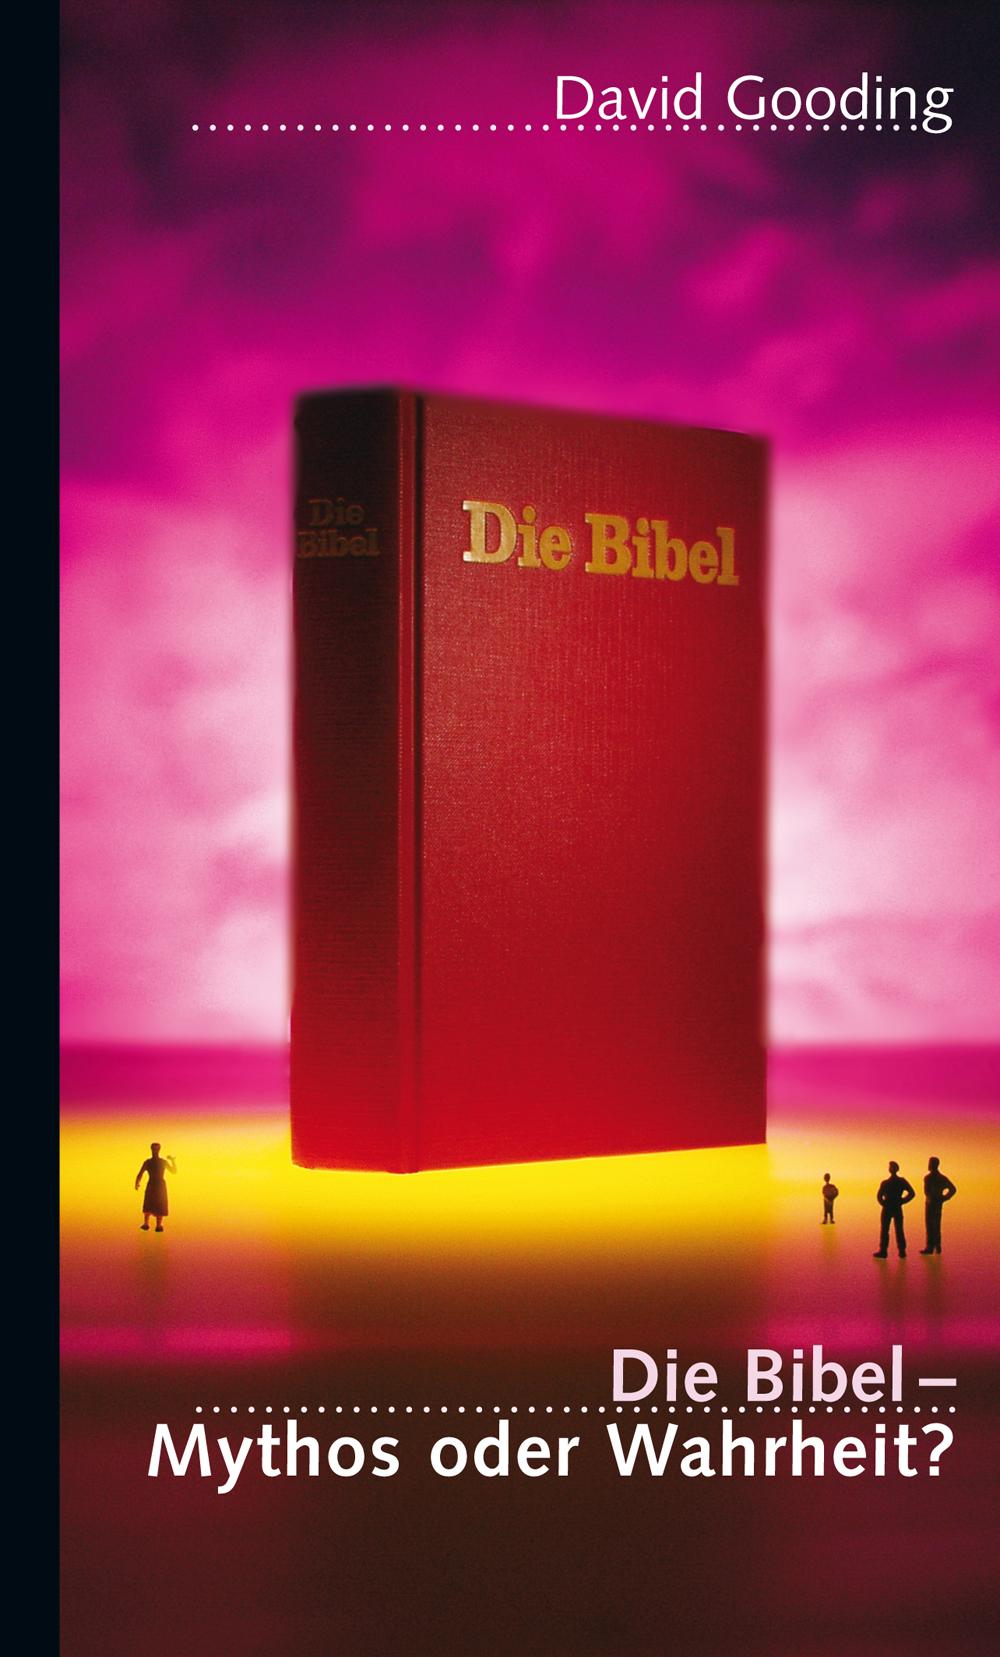 CLV_die-bibel-mythos-oder-wahrheit_david-gooding_255468_1